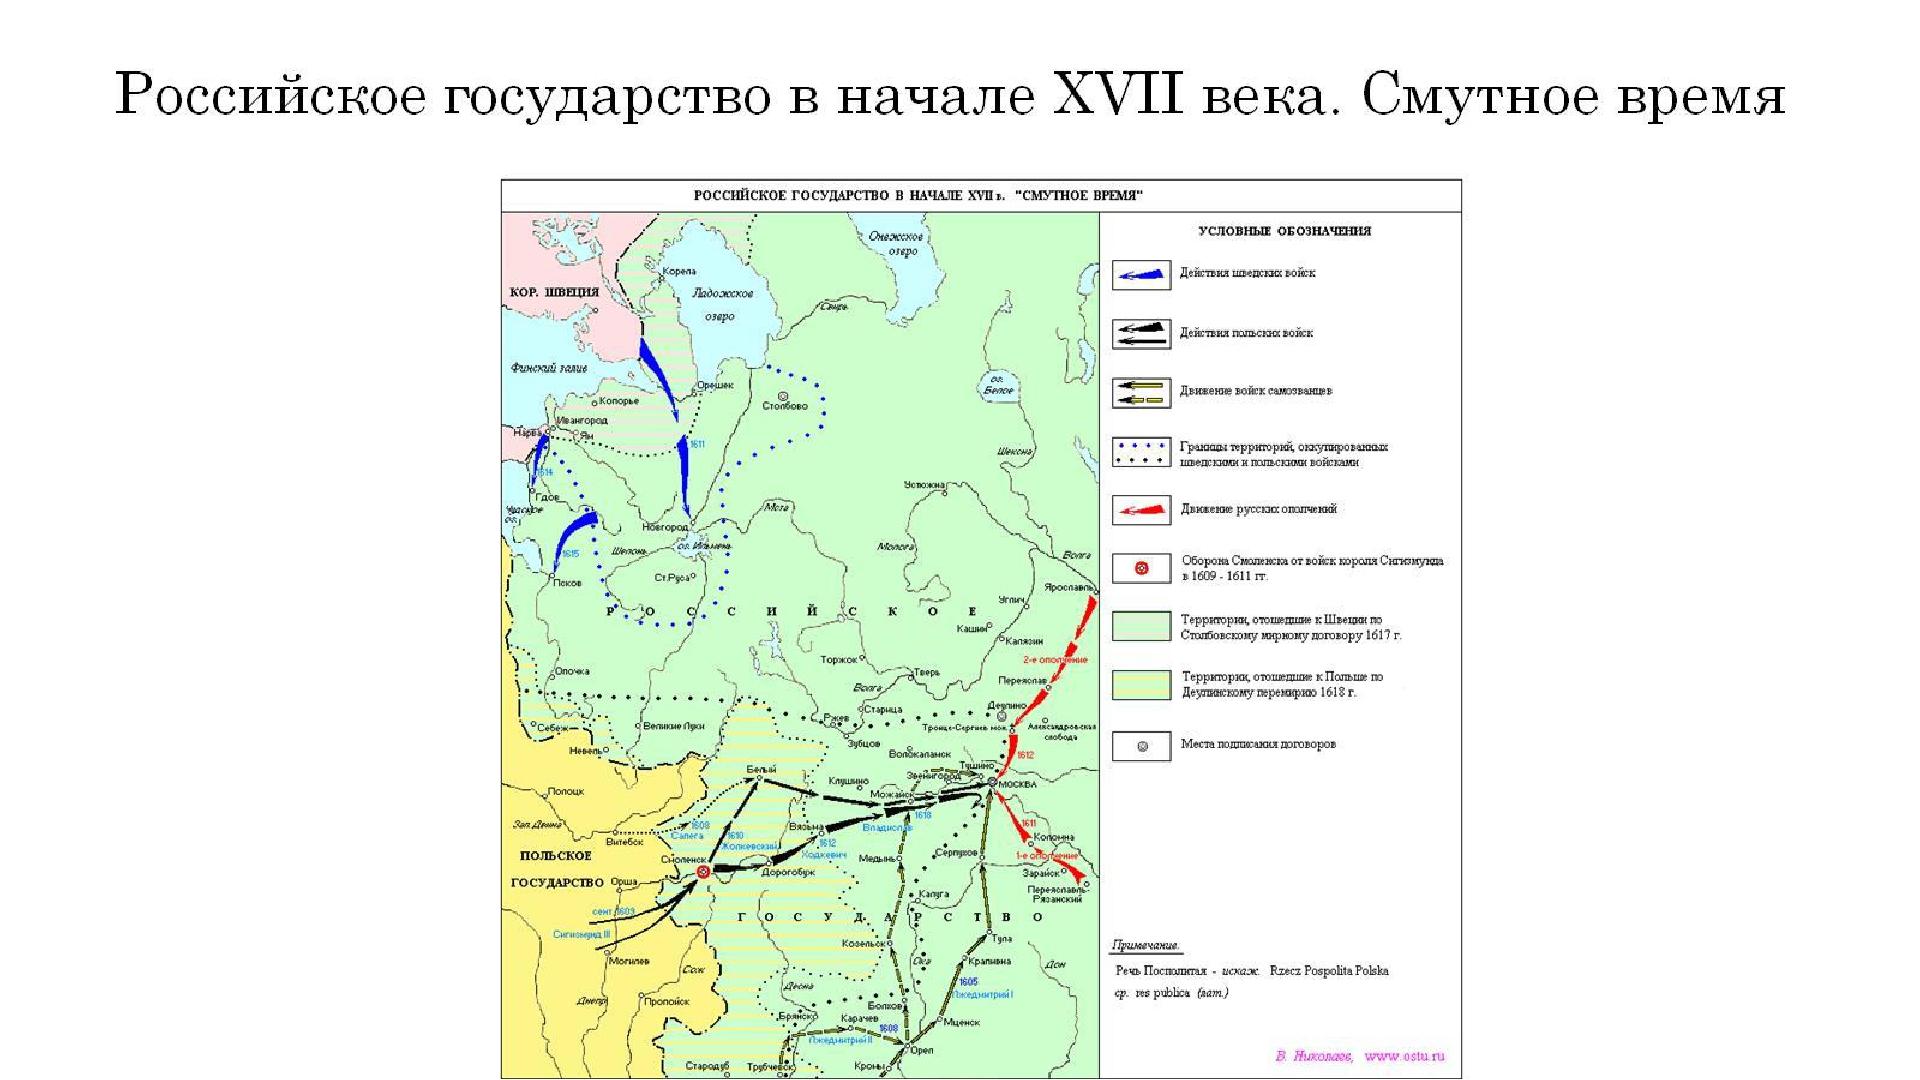 Российское государство в начале XVII века. Смутное время